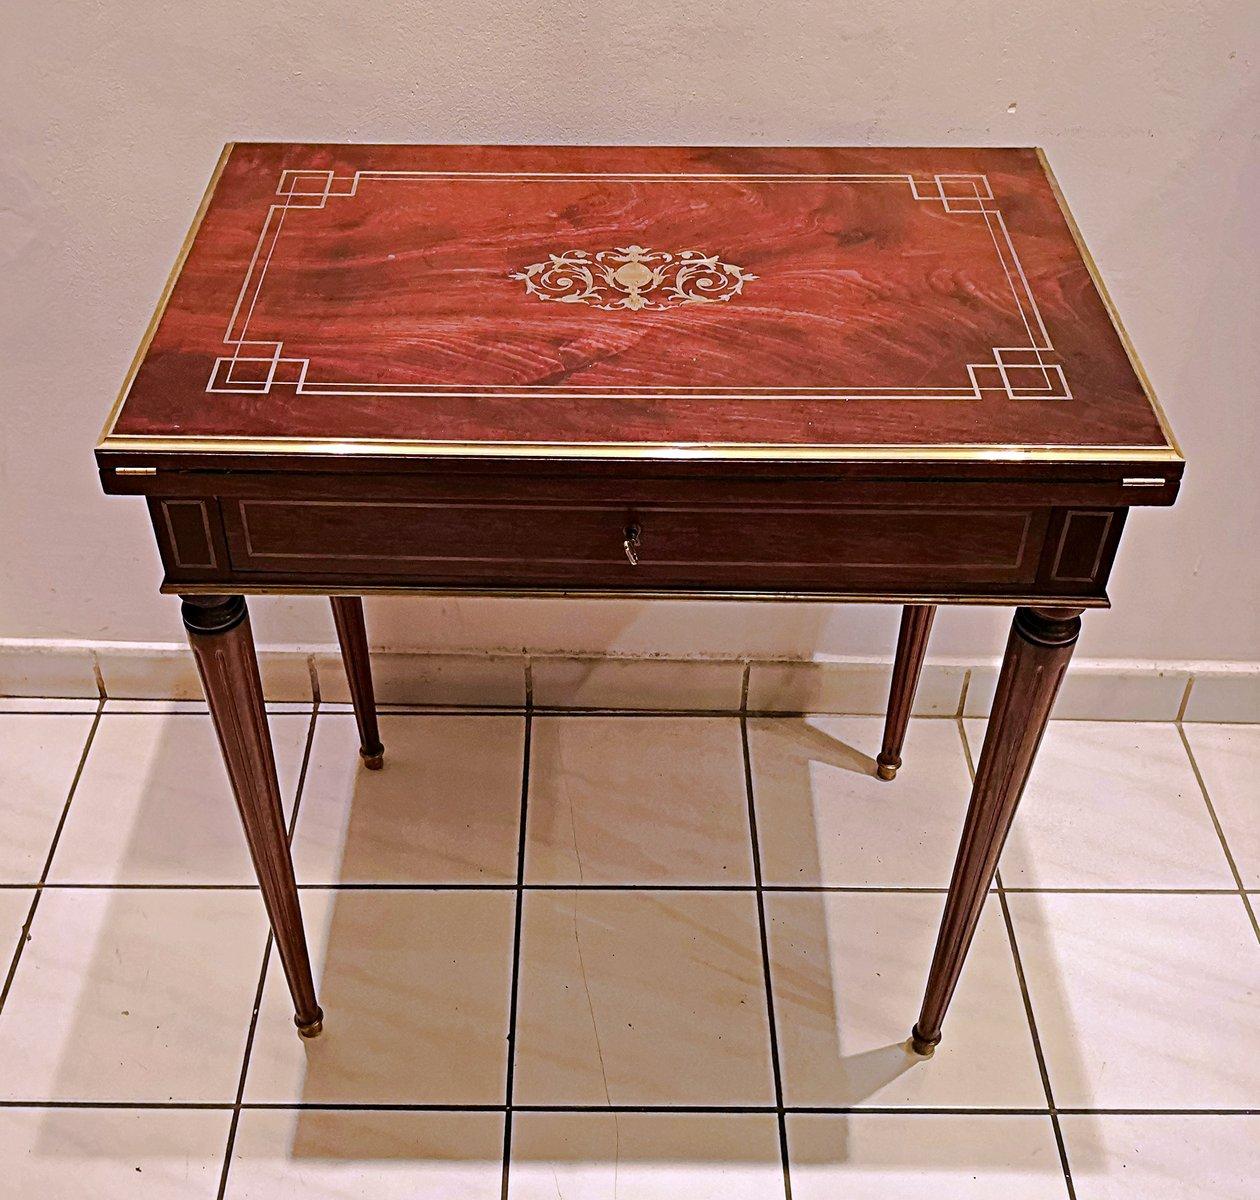 Tavolo da gioco antico in mogano in vendita su pamono - Blokus gioco da tavolo ...